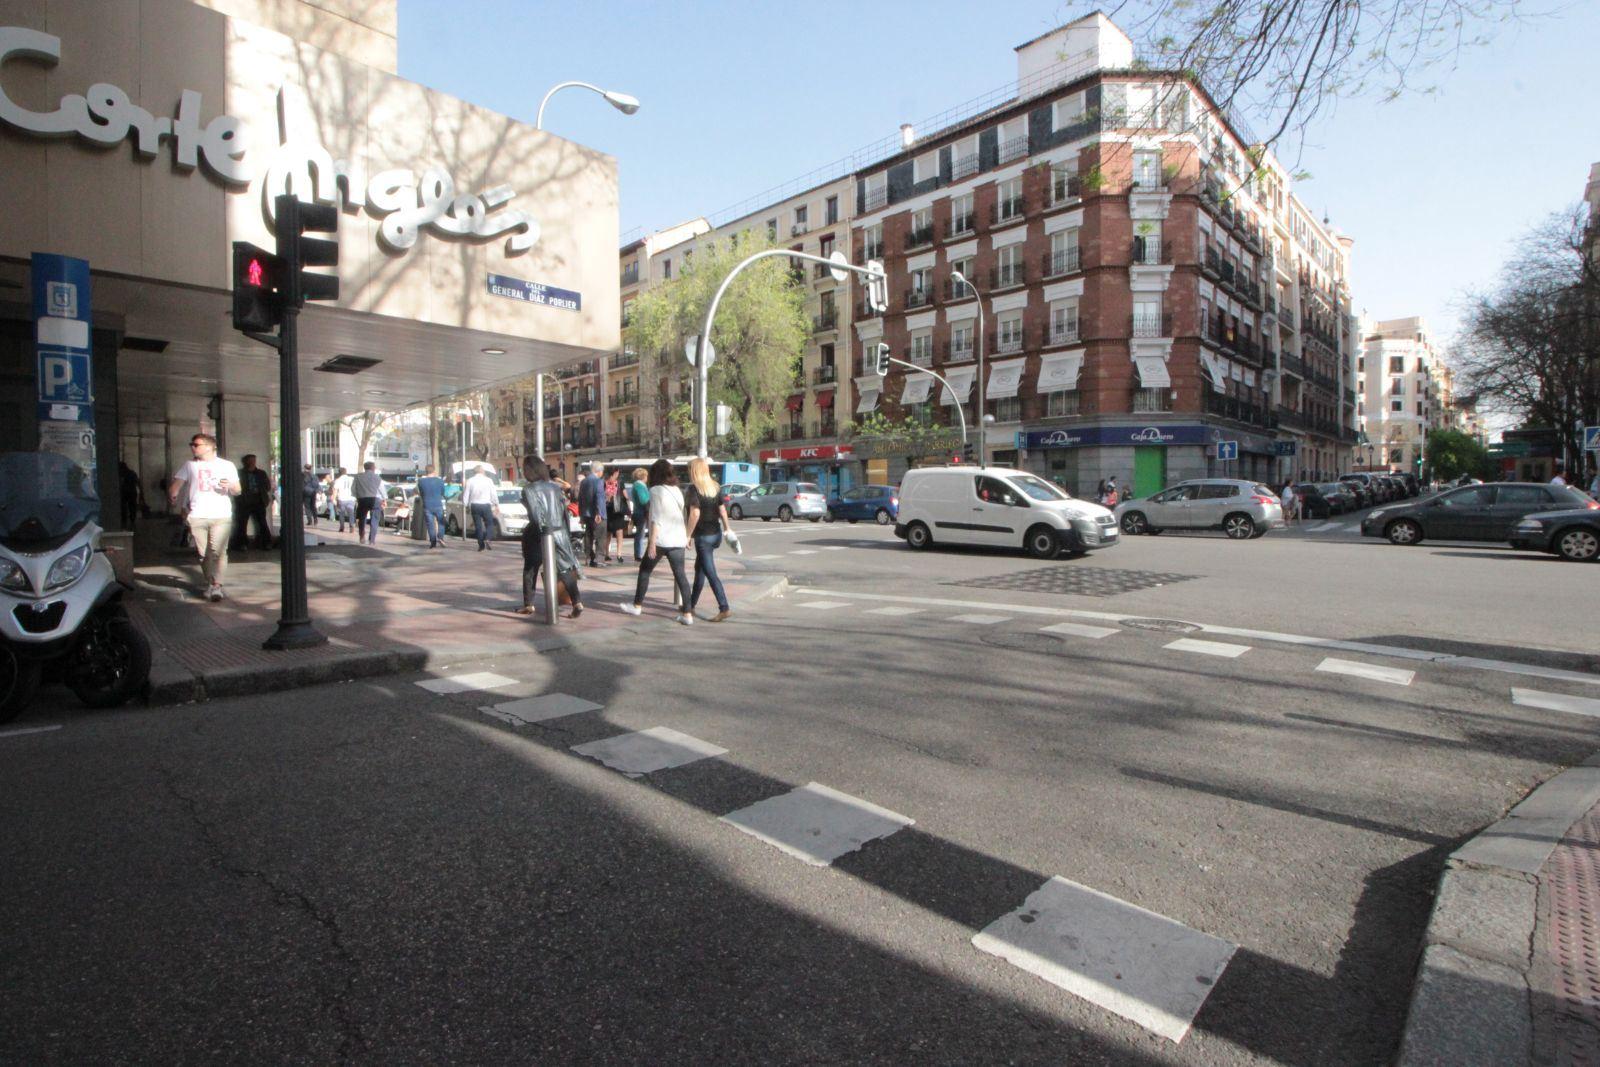 PLANTA BAJA. MADRID , area SALAMANCA